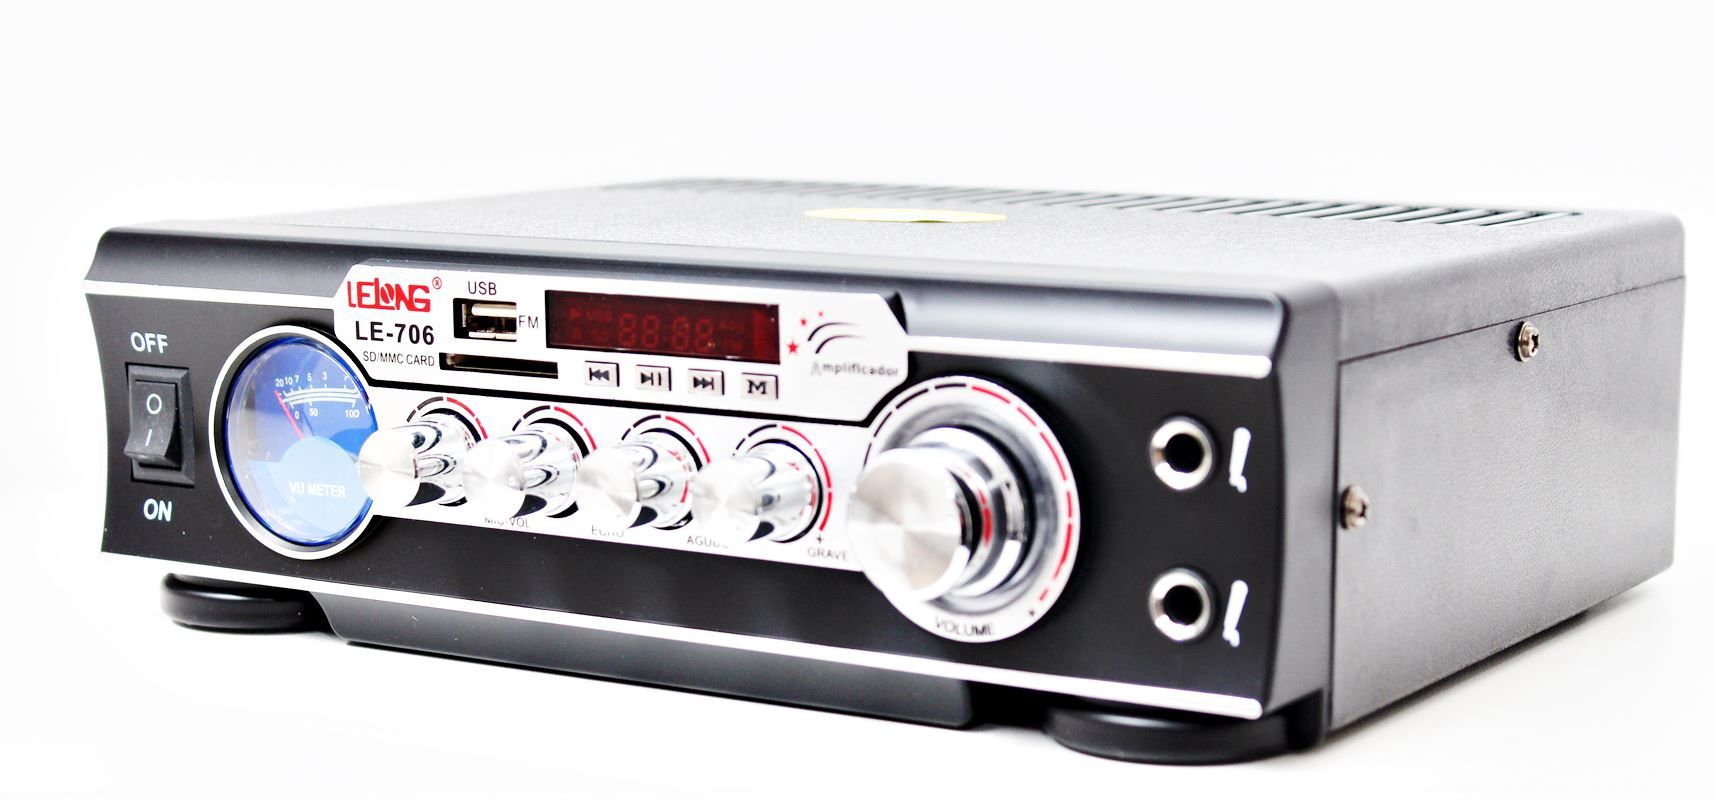 Kit de som ambiente caixas Hayonik Branca 3 vias amplificador com Bluetooth kit-A3